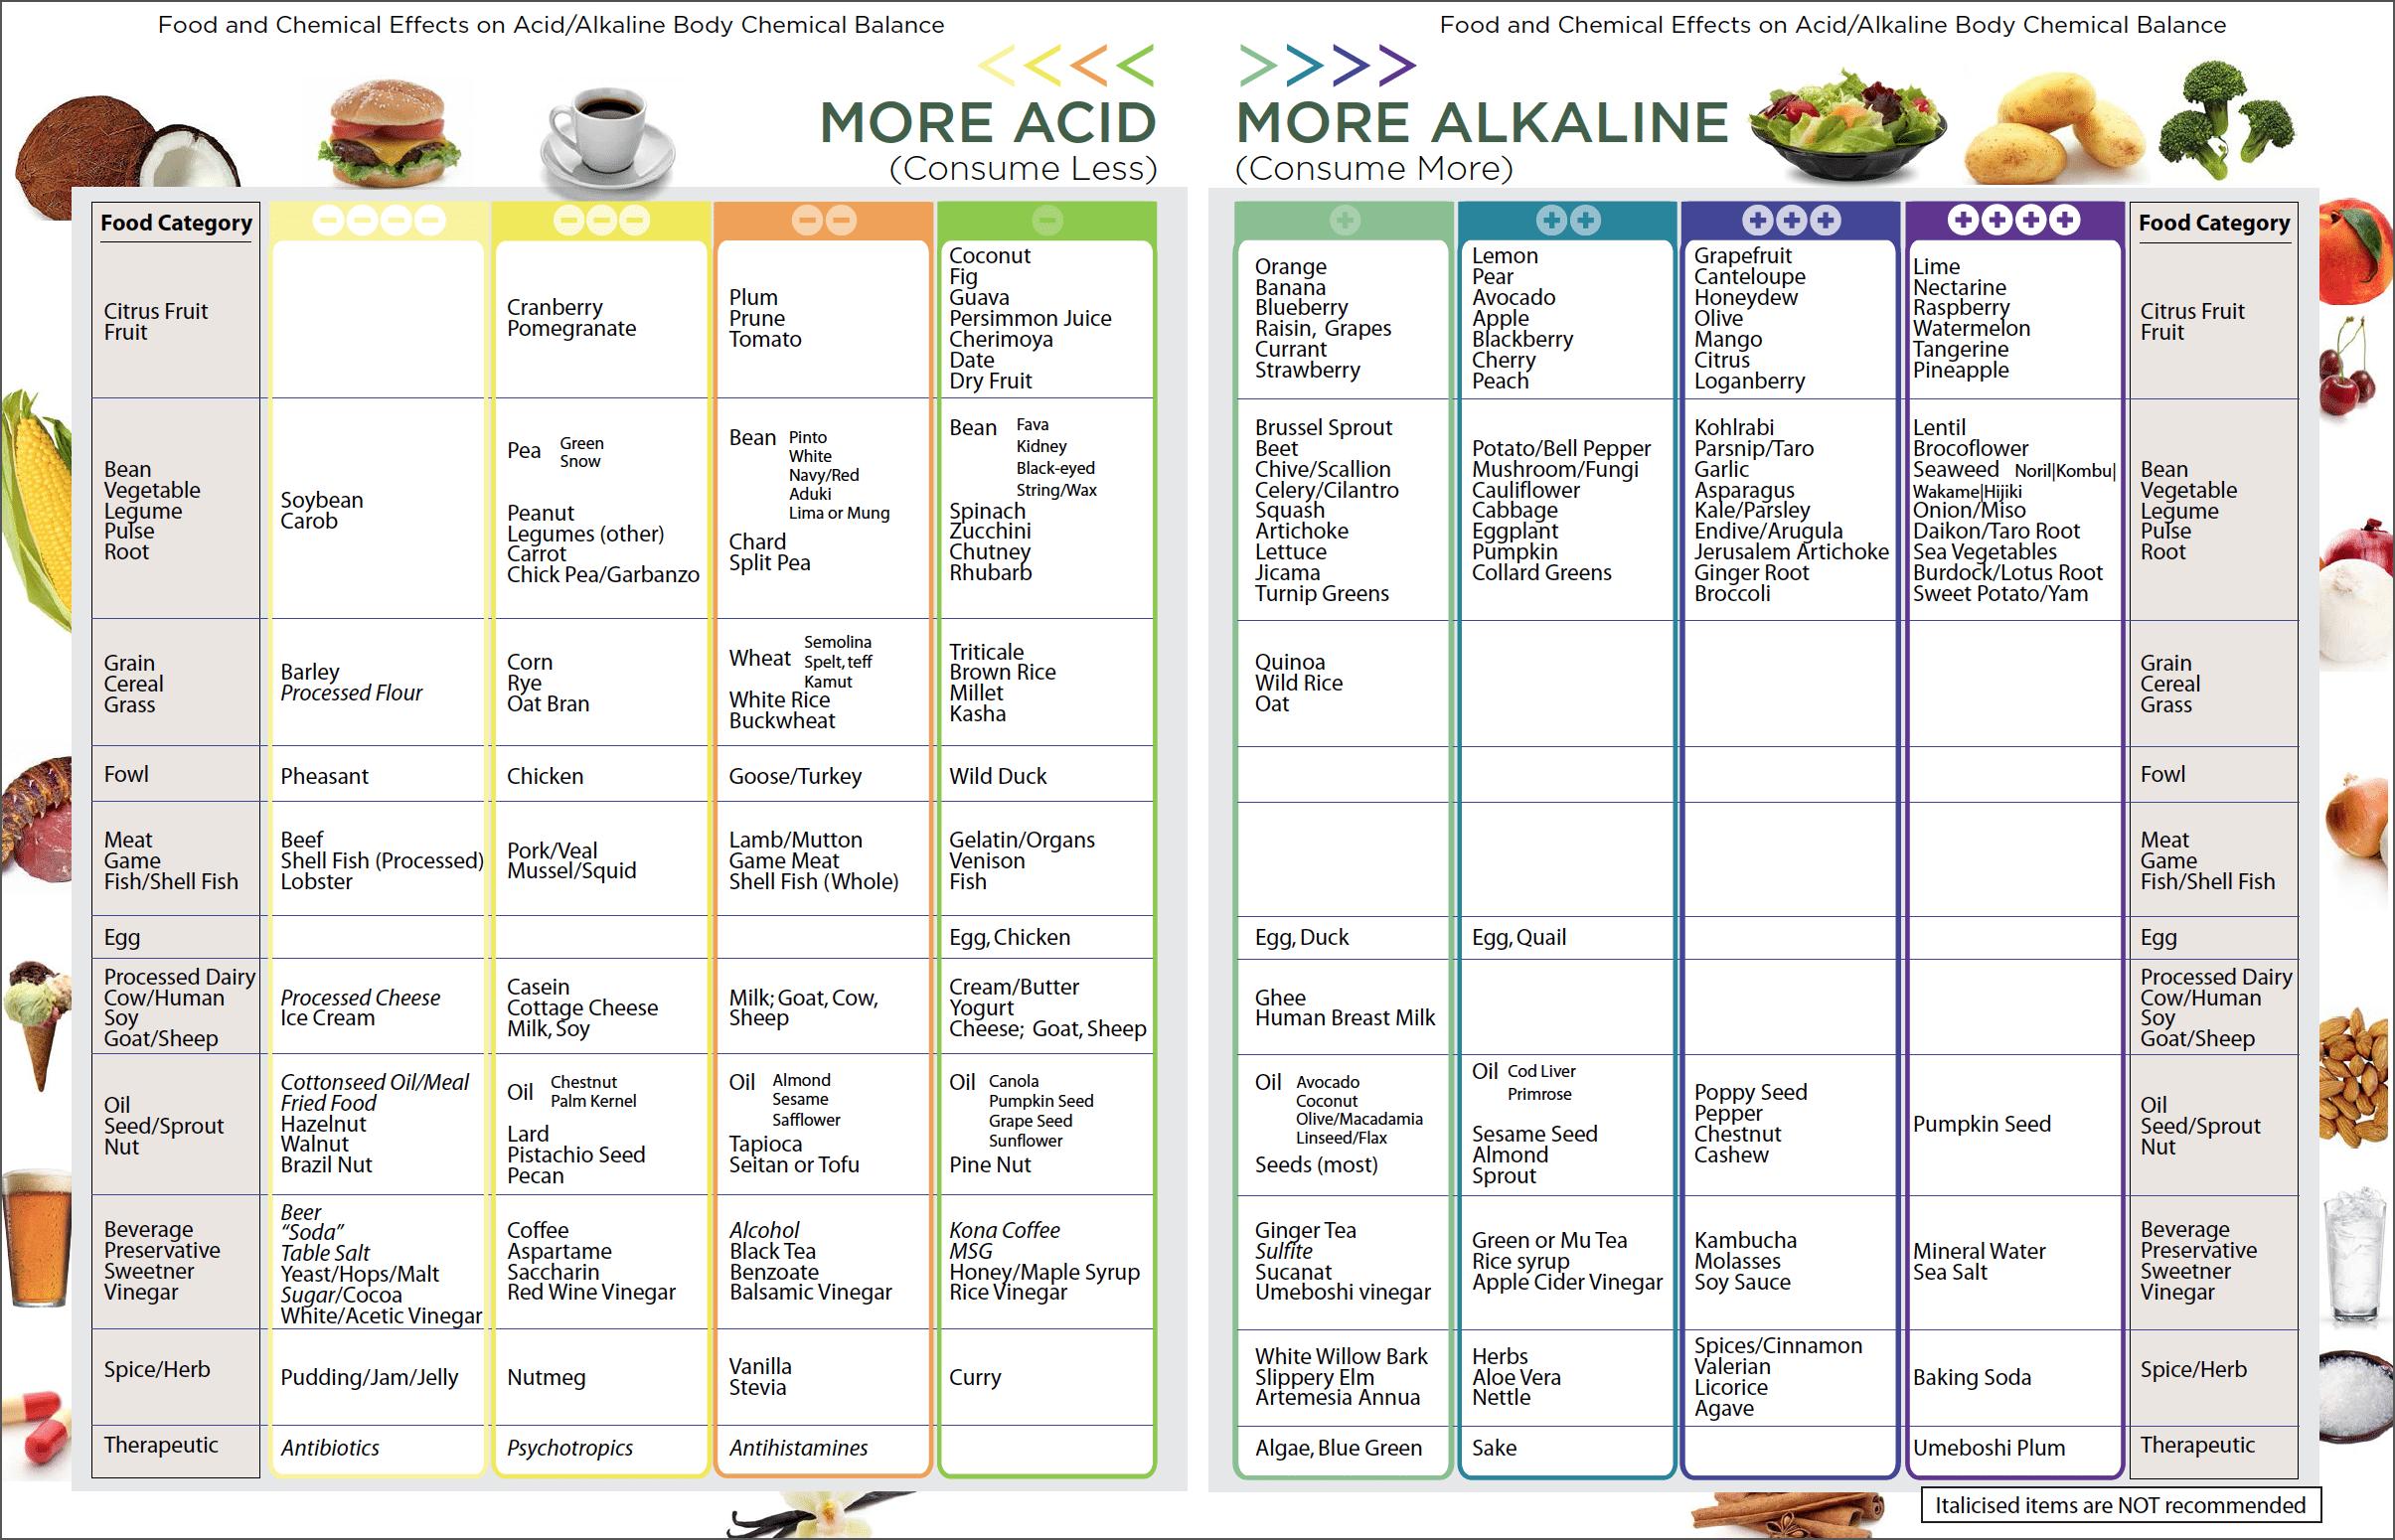 Alkaline_Chart.png - 379.65 kB